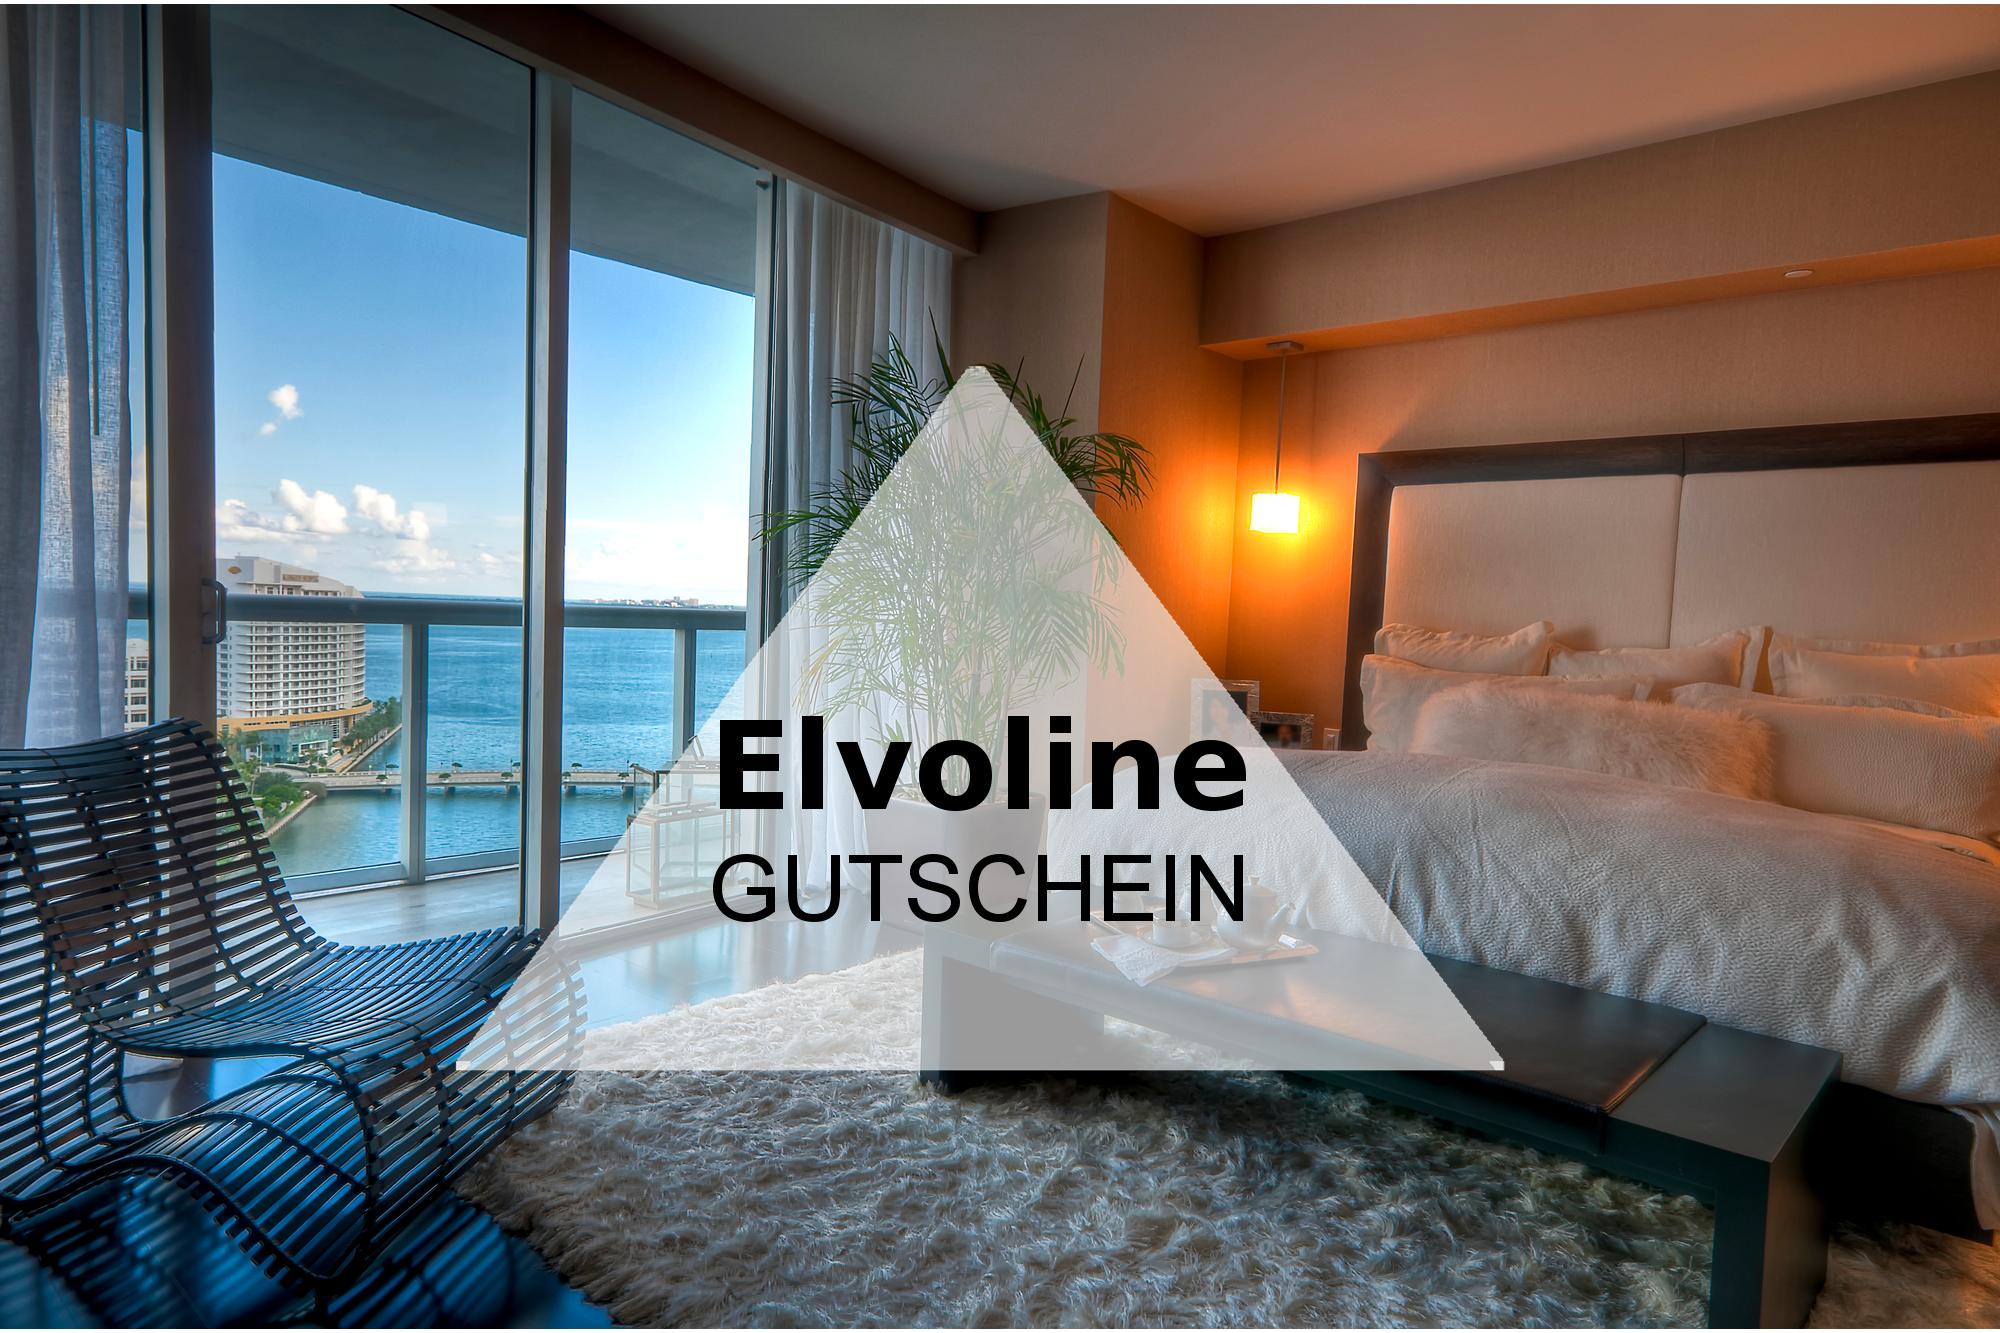 5 gutschein auf alle hotels bei elvoline. Black Bedroom Furniture Sets. Home Design Ideas